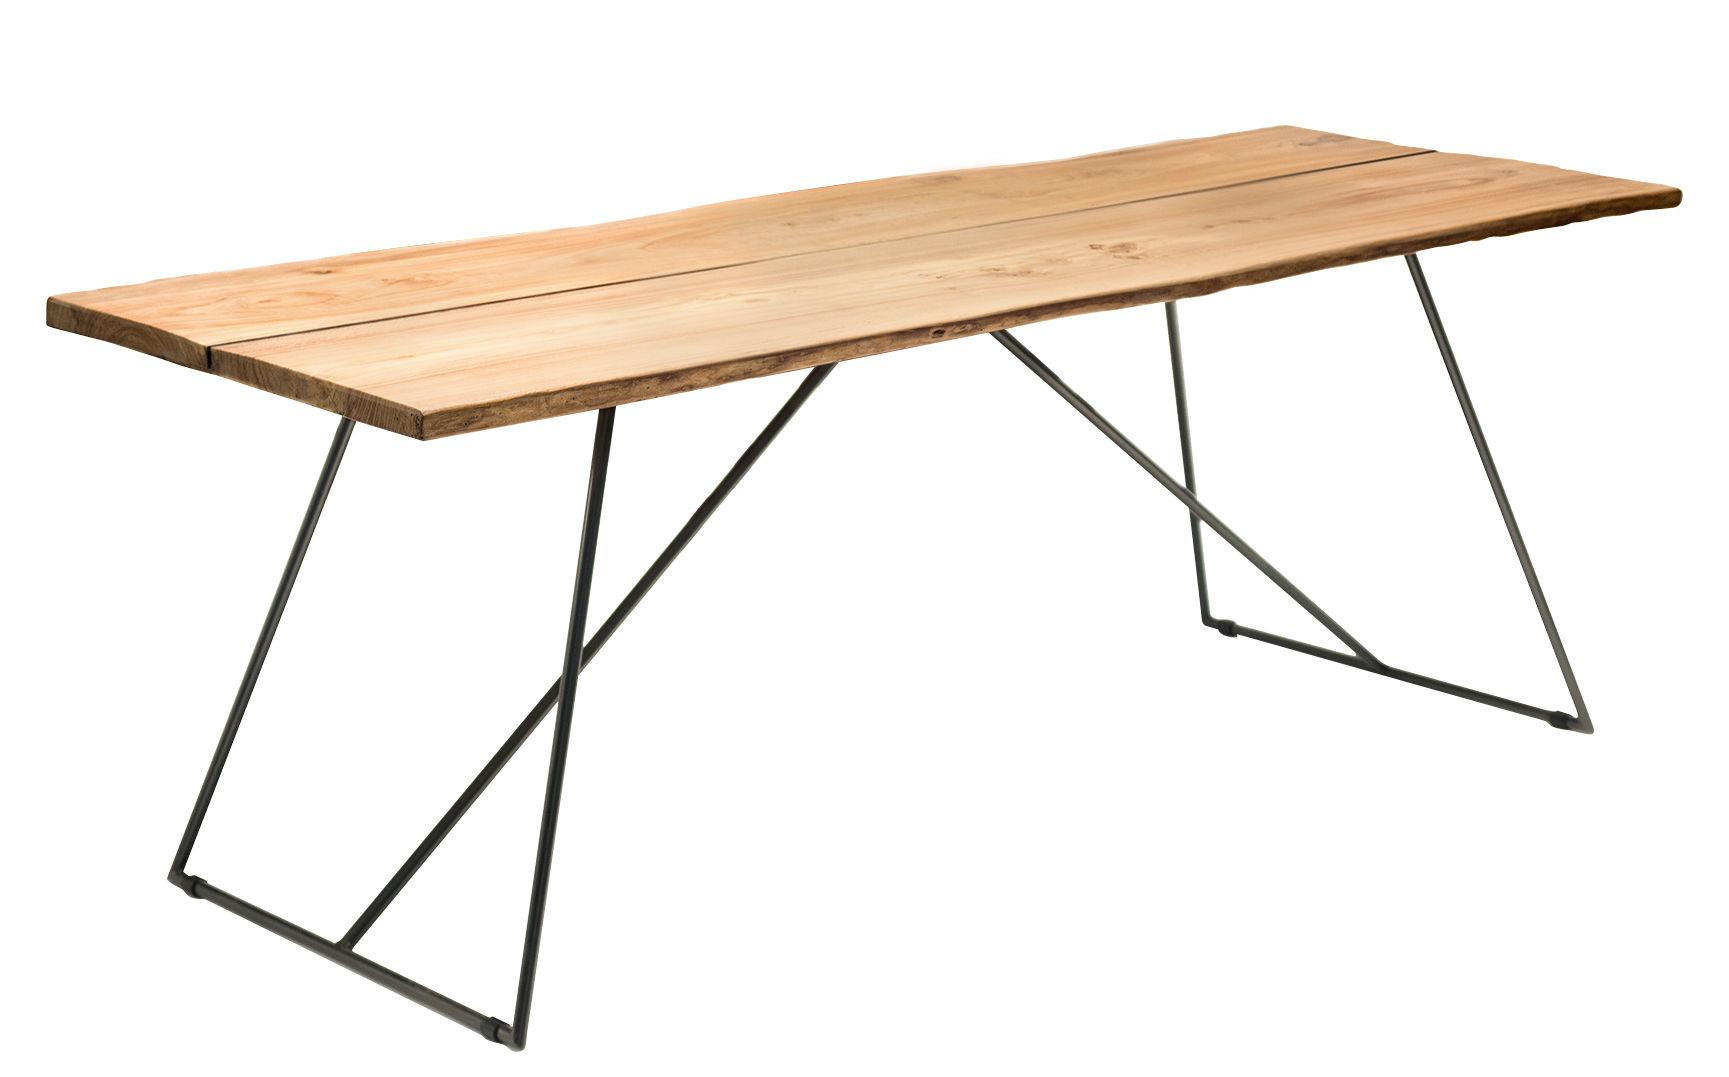 Mobilier - Tables - Table Old Times / 190 x 70 cm - Zeus - Bois naturel / Piètement noir - Acier peint, Olivier massif